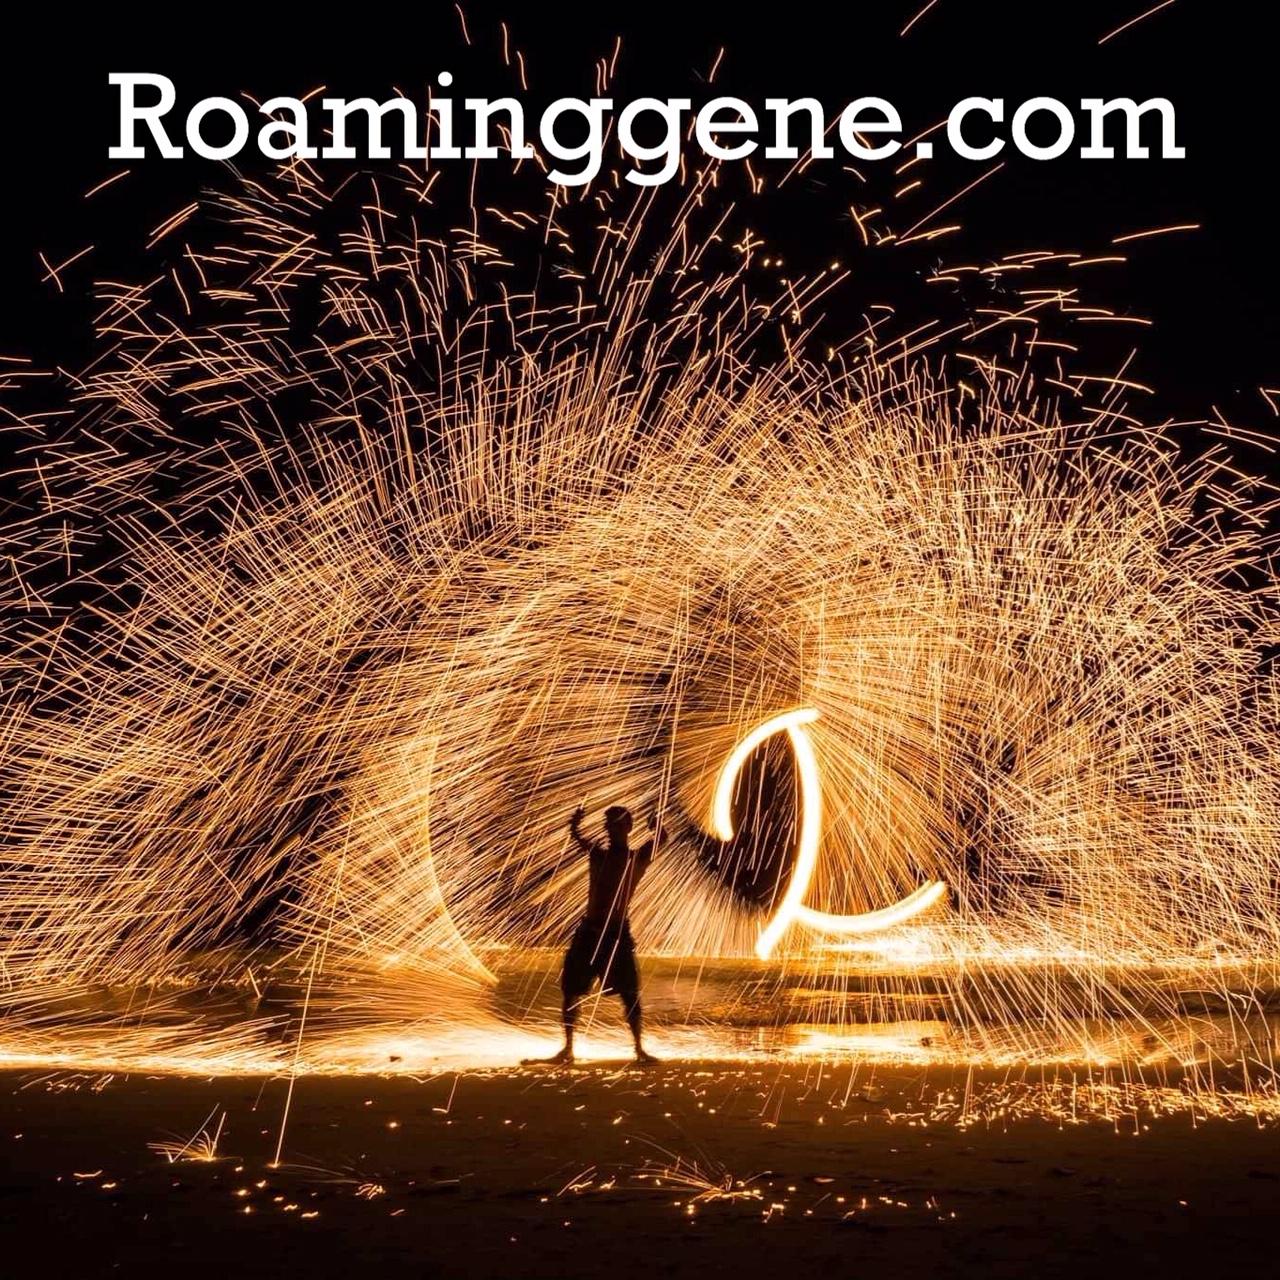 https://roaminggene.com/